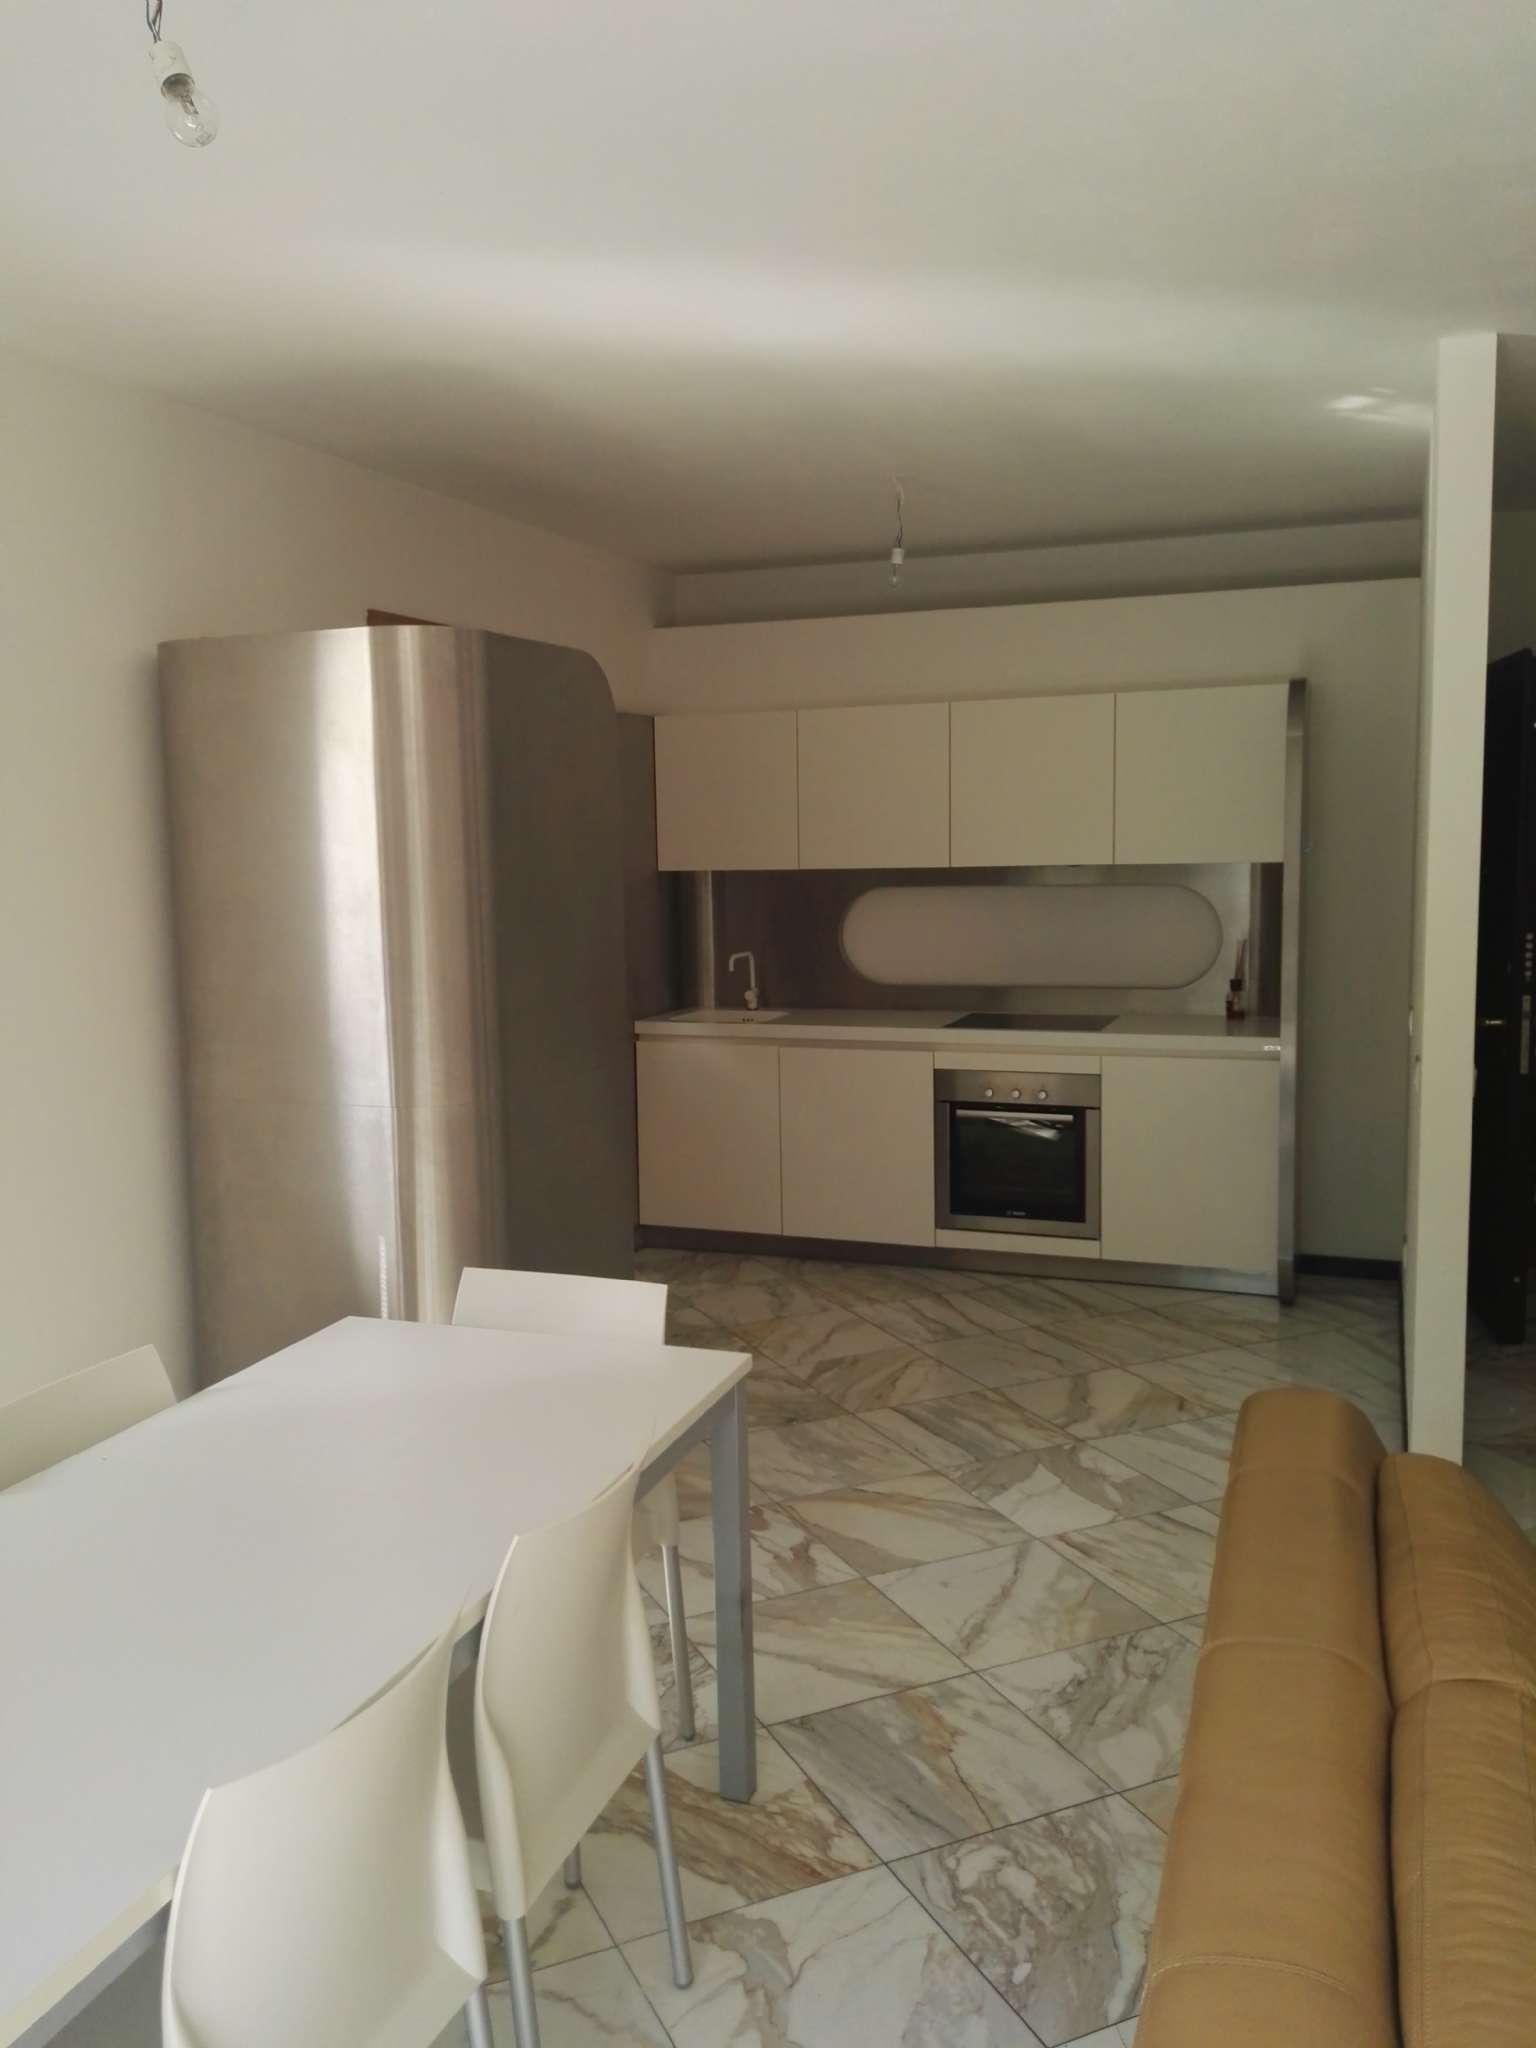 Appartamento in affitto a Poggiridenti, 3 locali, prezzo € 500 | PortaleAgenzieImmobiliari.it